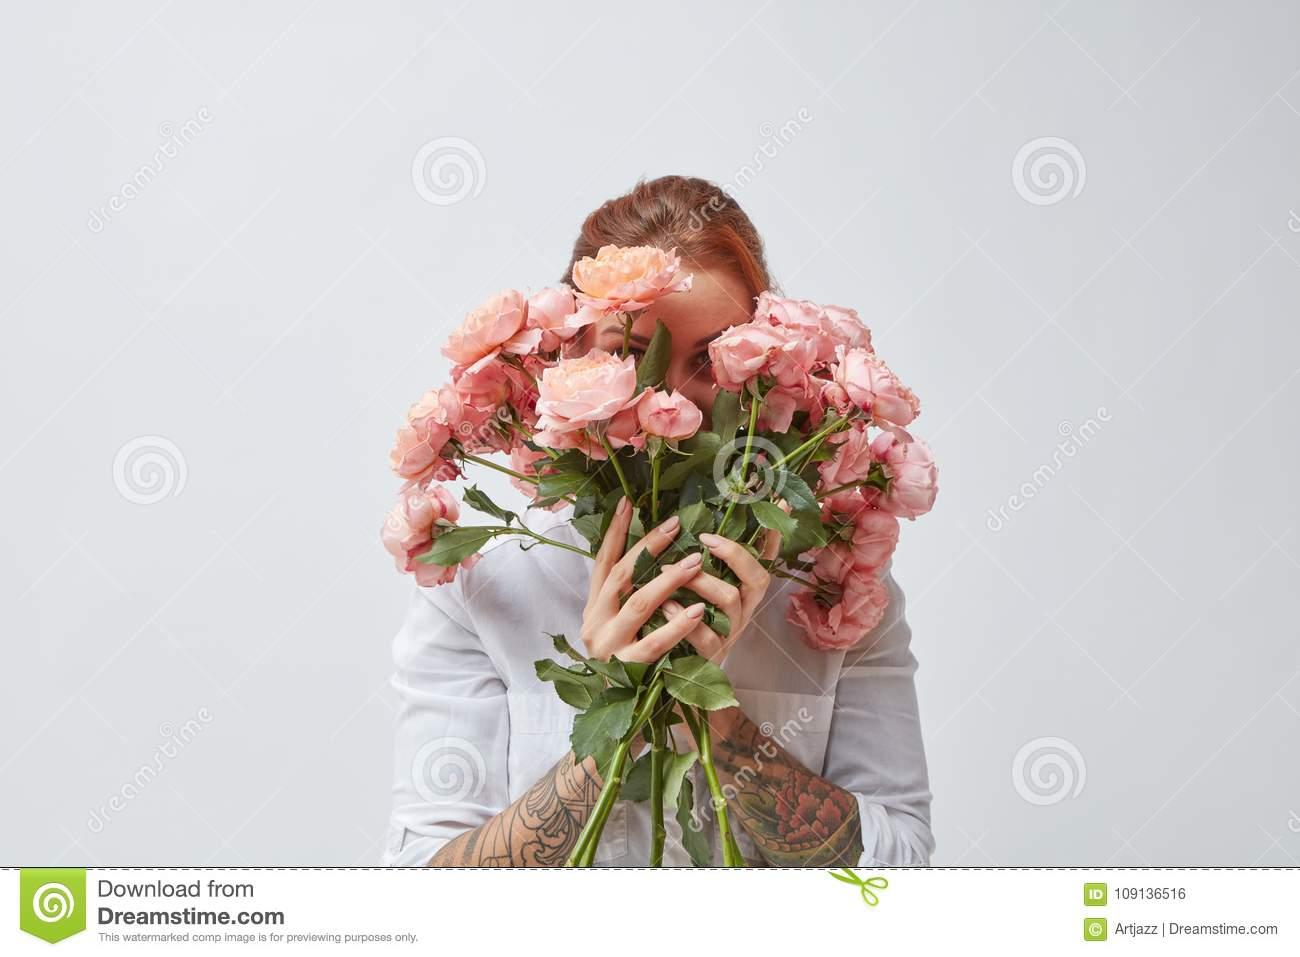 Девушка с букетом цветов в руках   красивые фото и картинки (6)